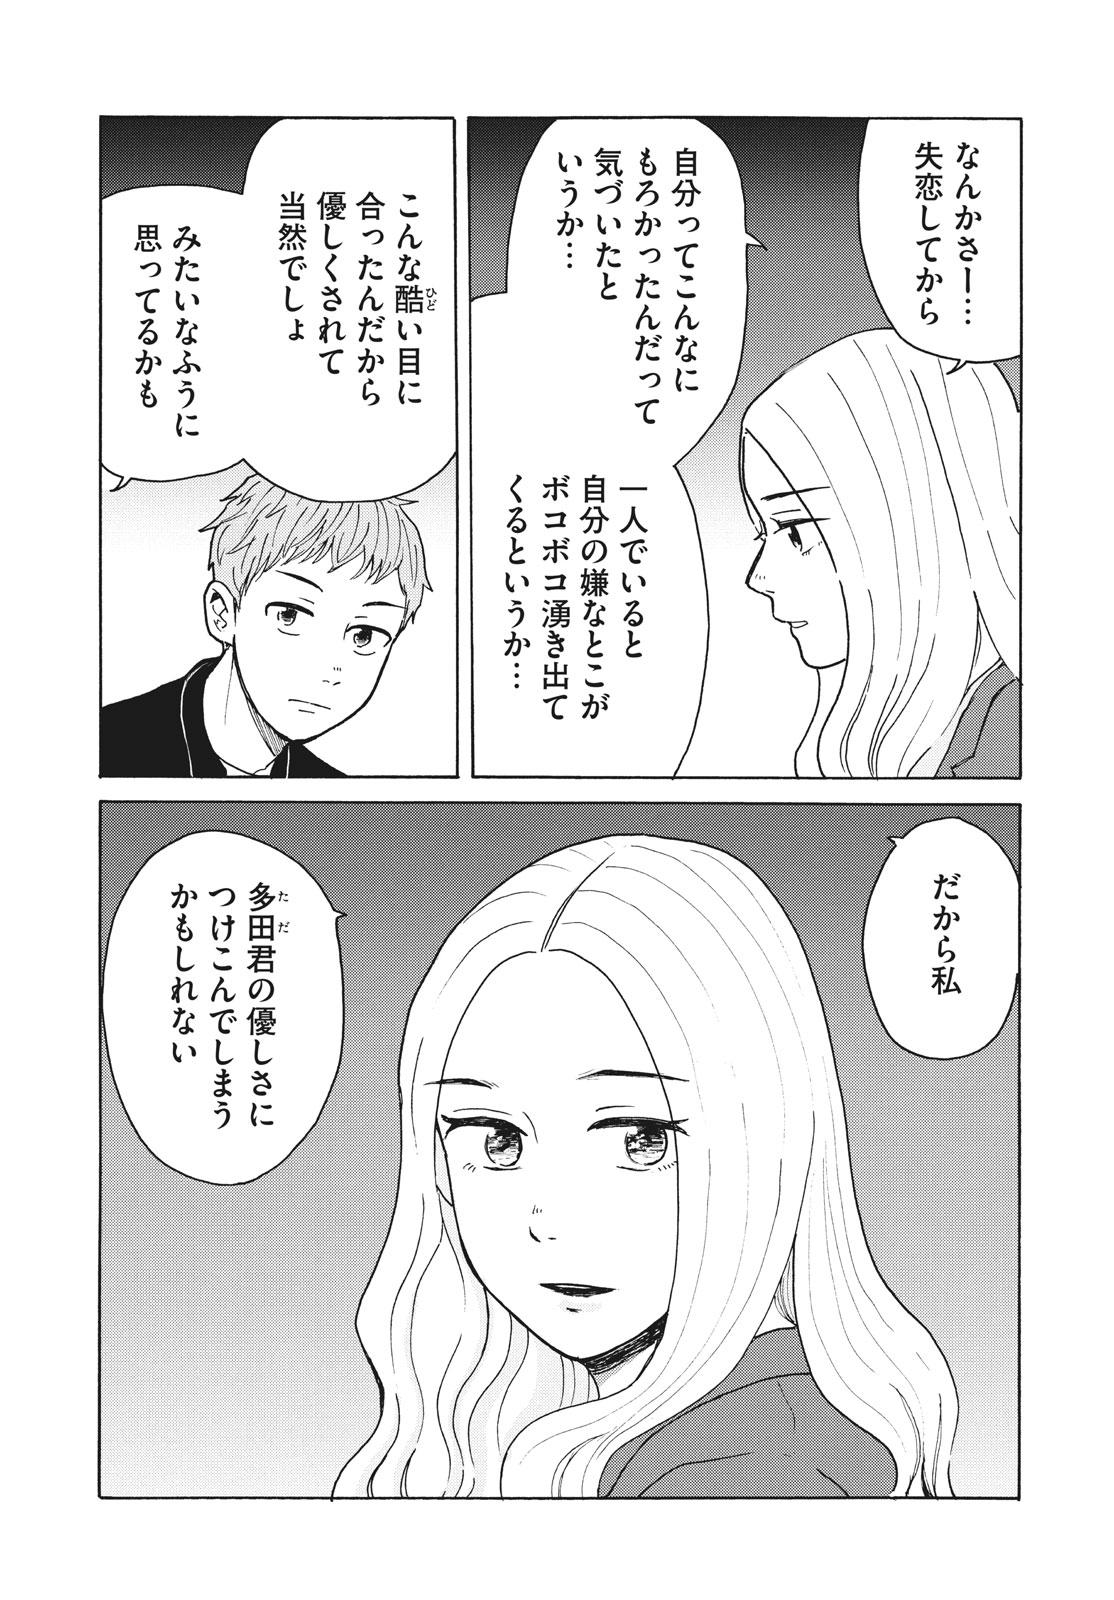 008_30日_2020_012_E.jpg